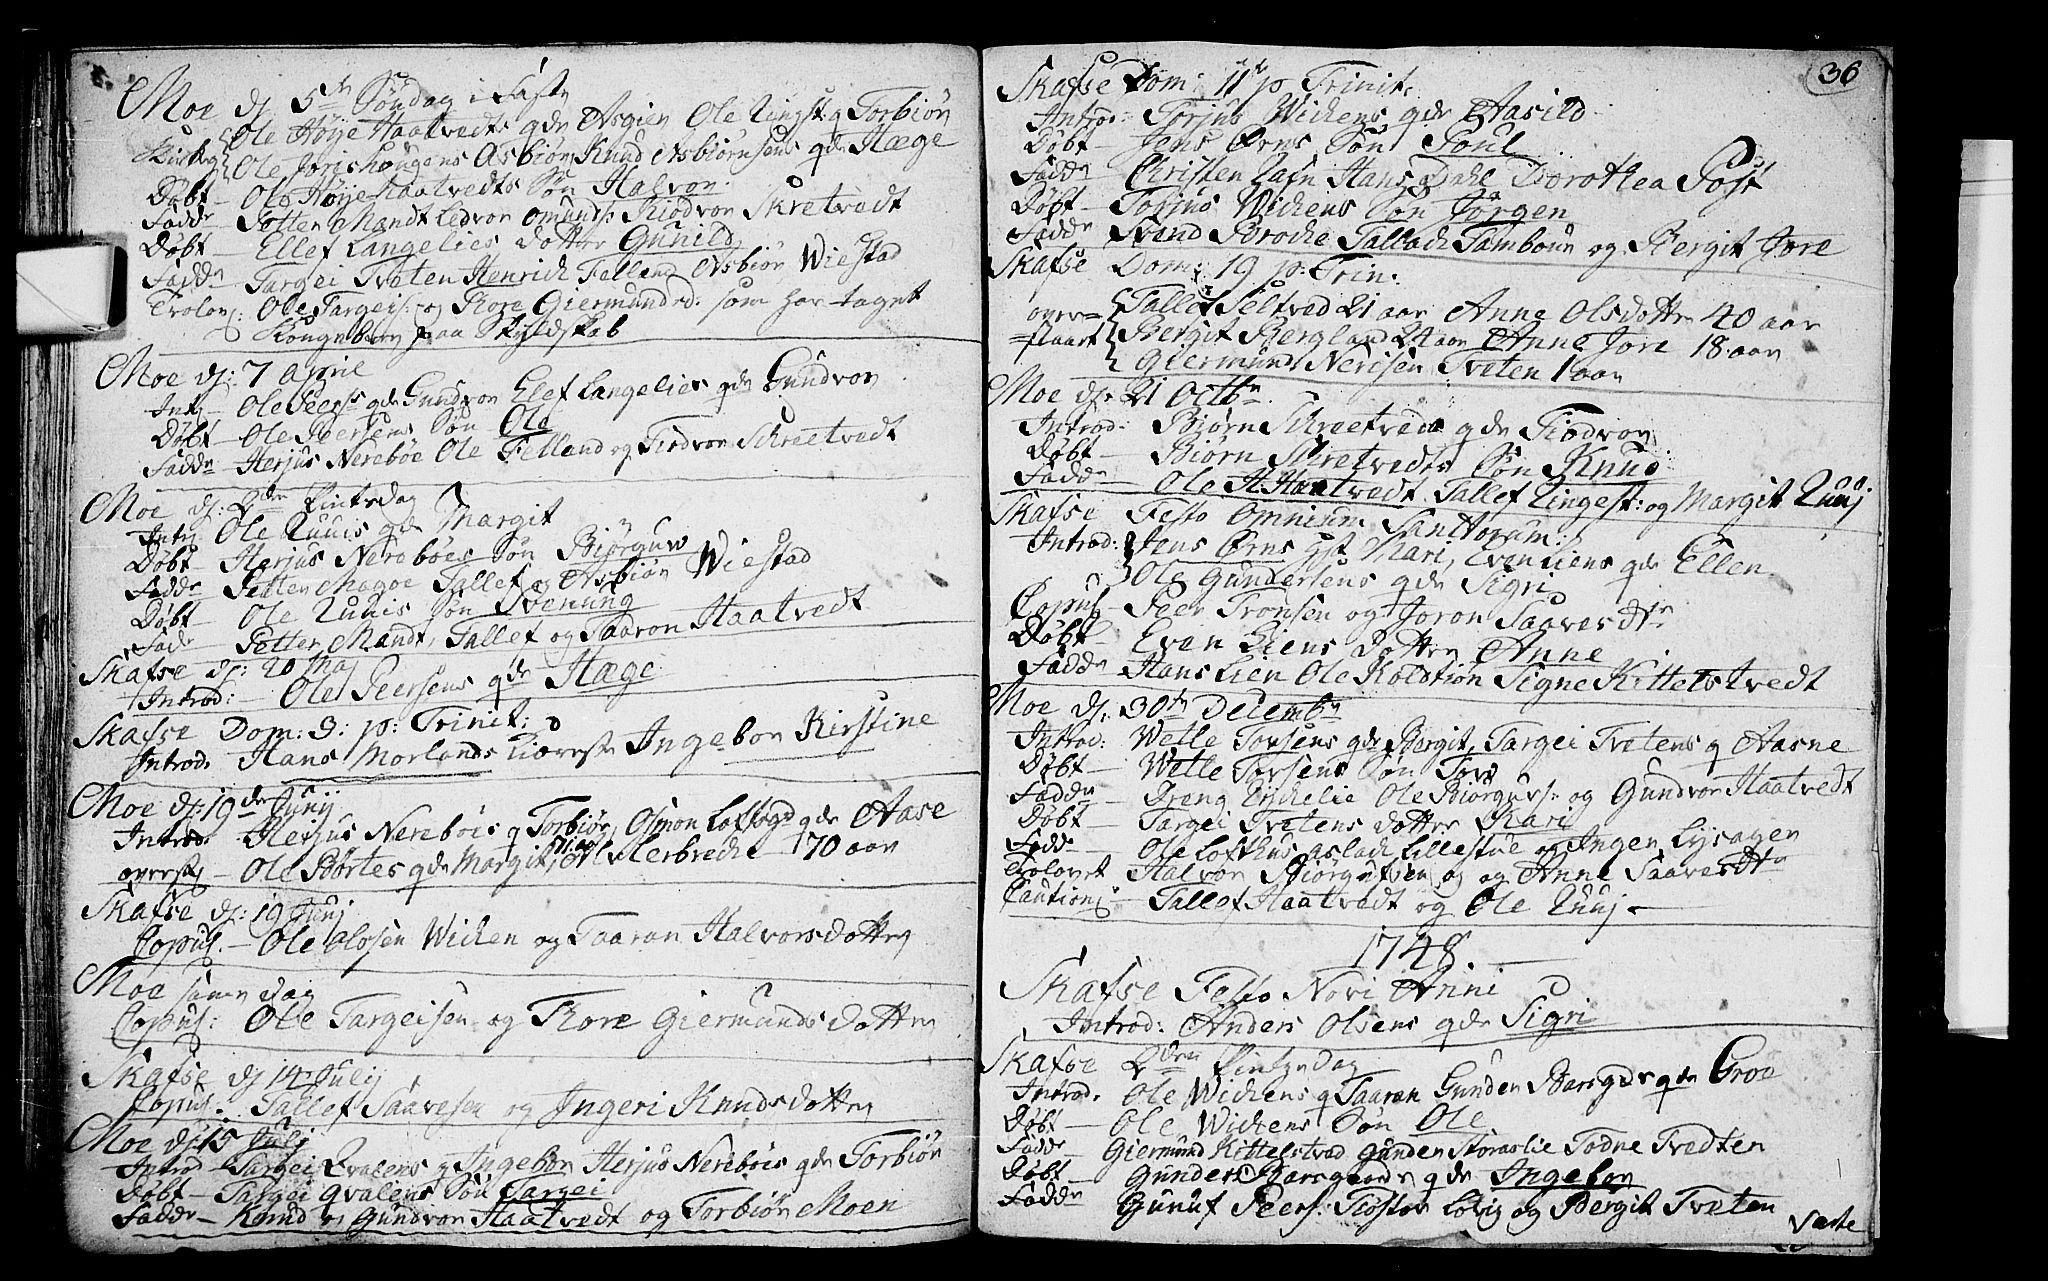 SAKO, Mo kirkebøker, F/Fa/L0001: Ministerialbok nr. I 1, 1724-1748, s. 36